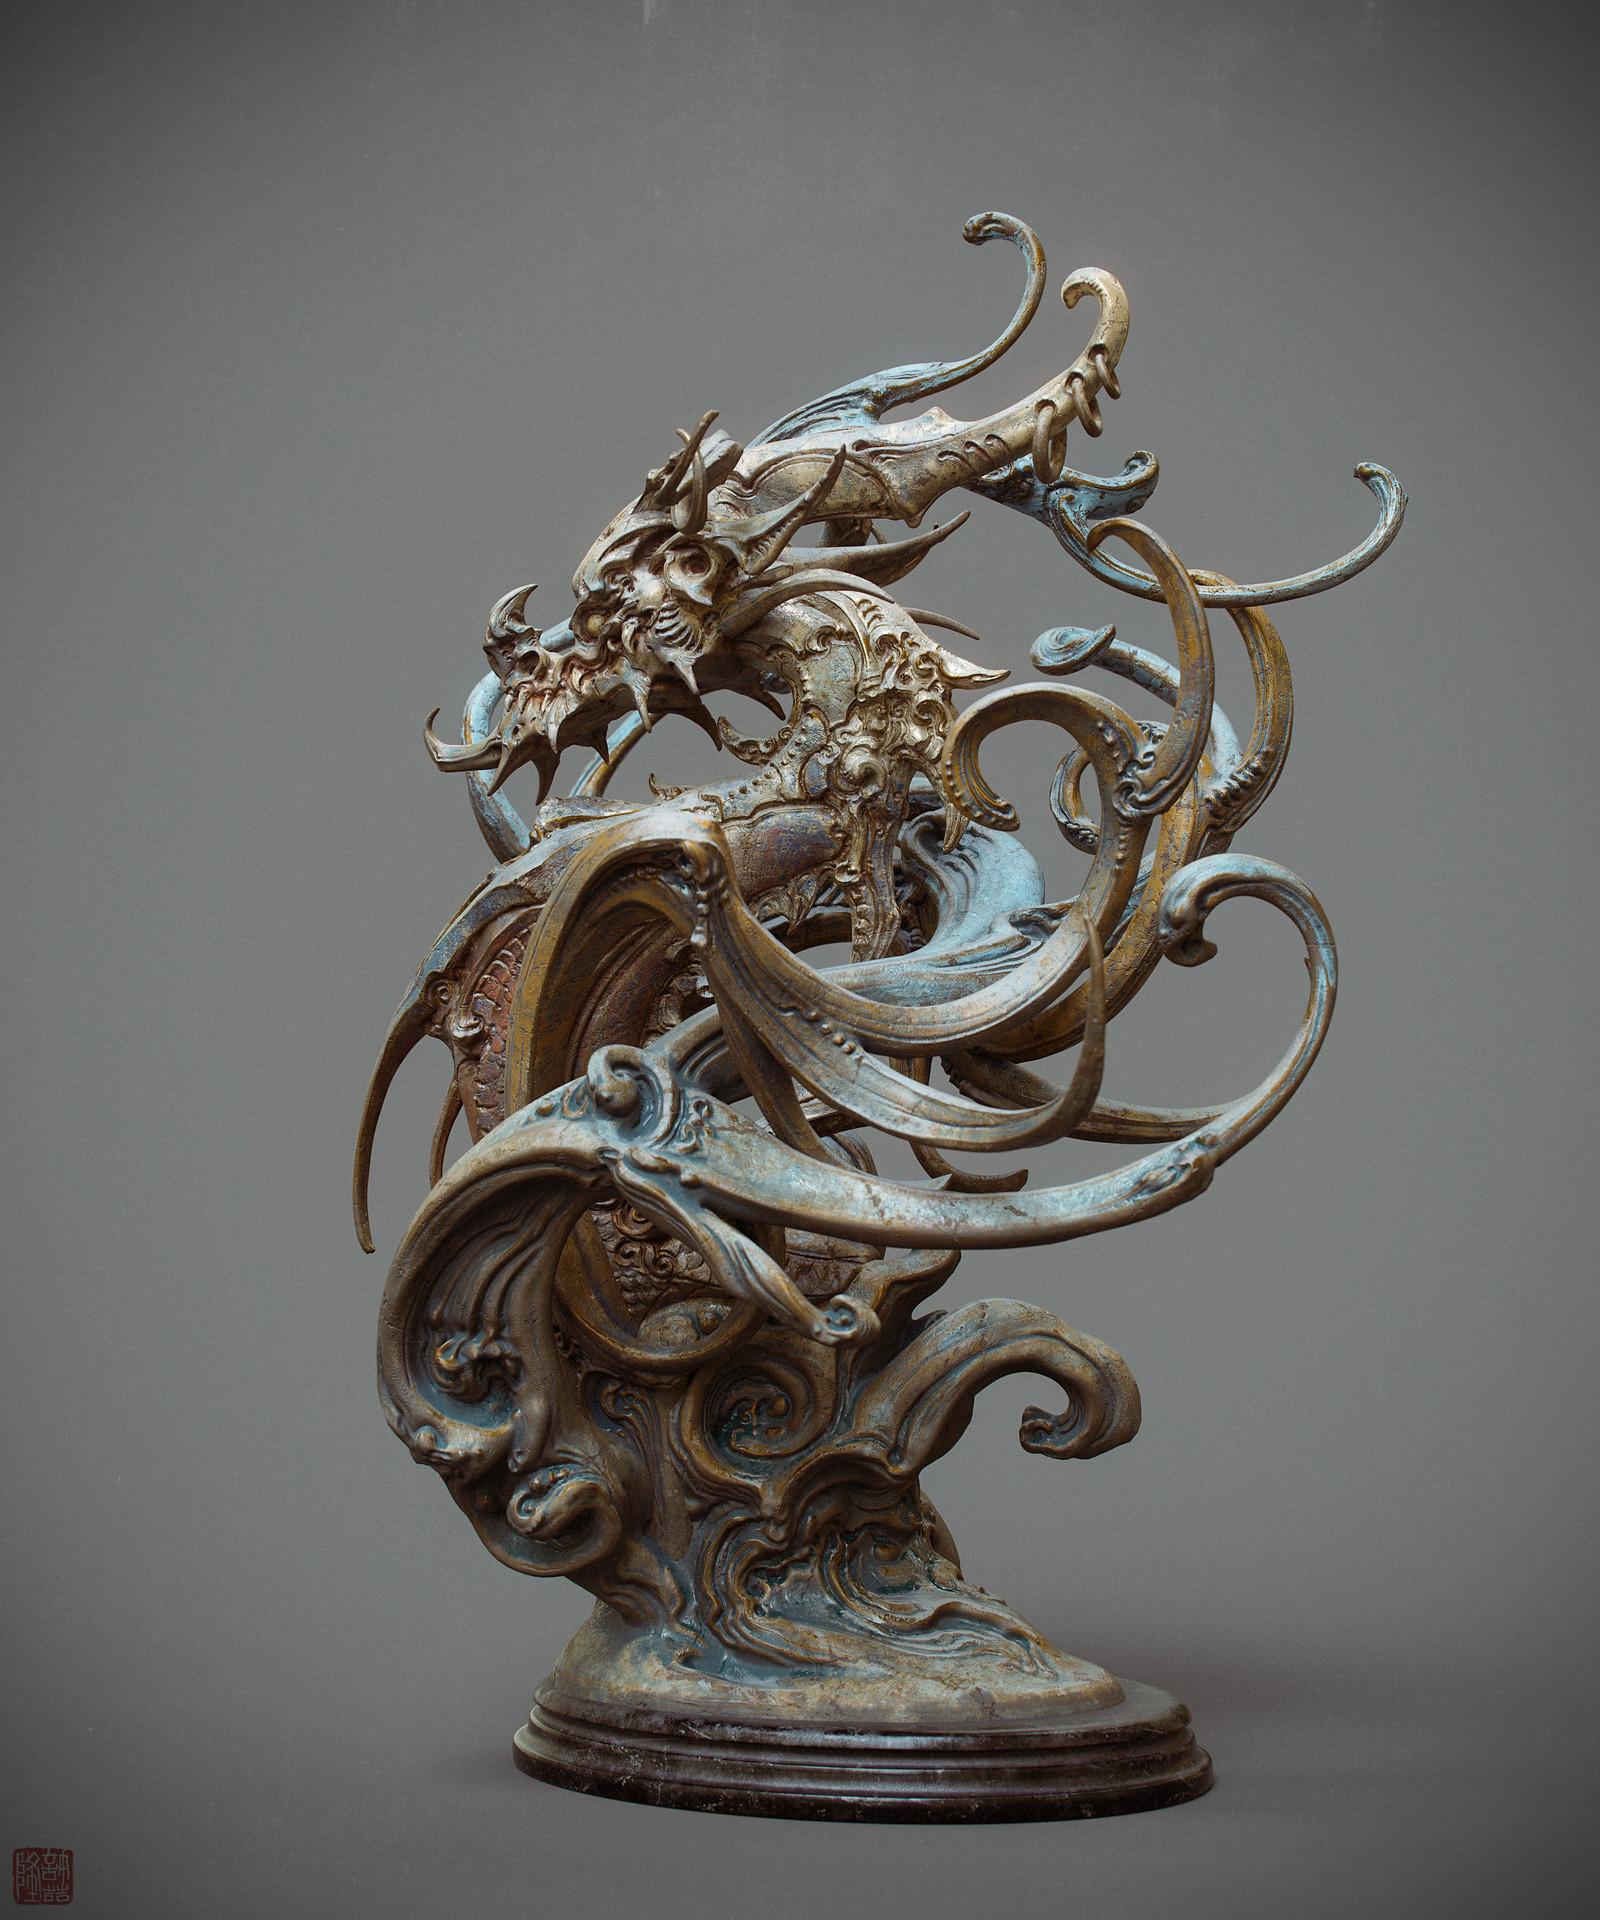 专访许喆隆:创作就是场无畏的旅程